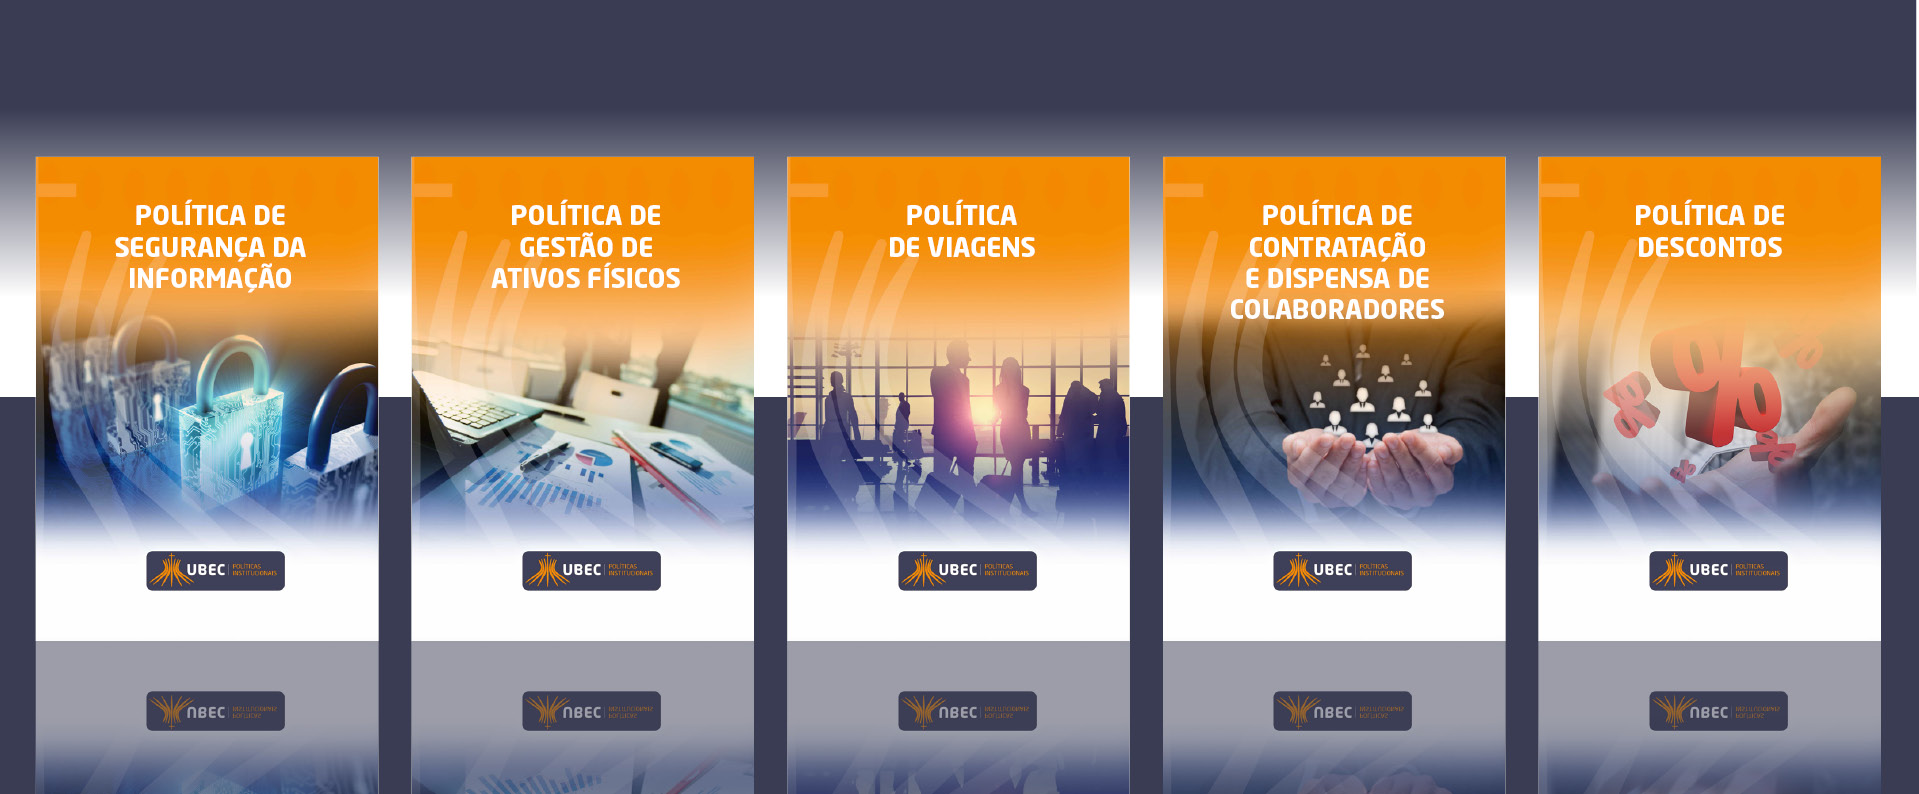 projeto-grafico-livro-diagramacao-publicacao-ubec-catolica-brasilia 1